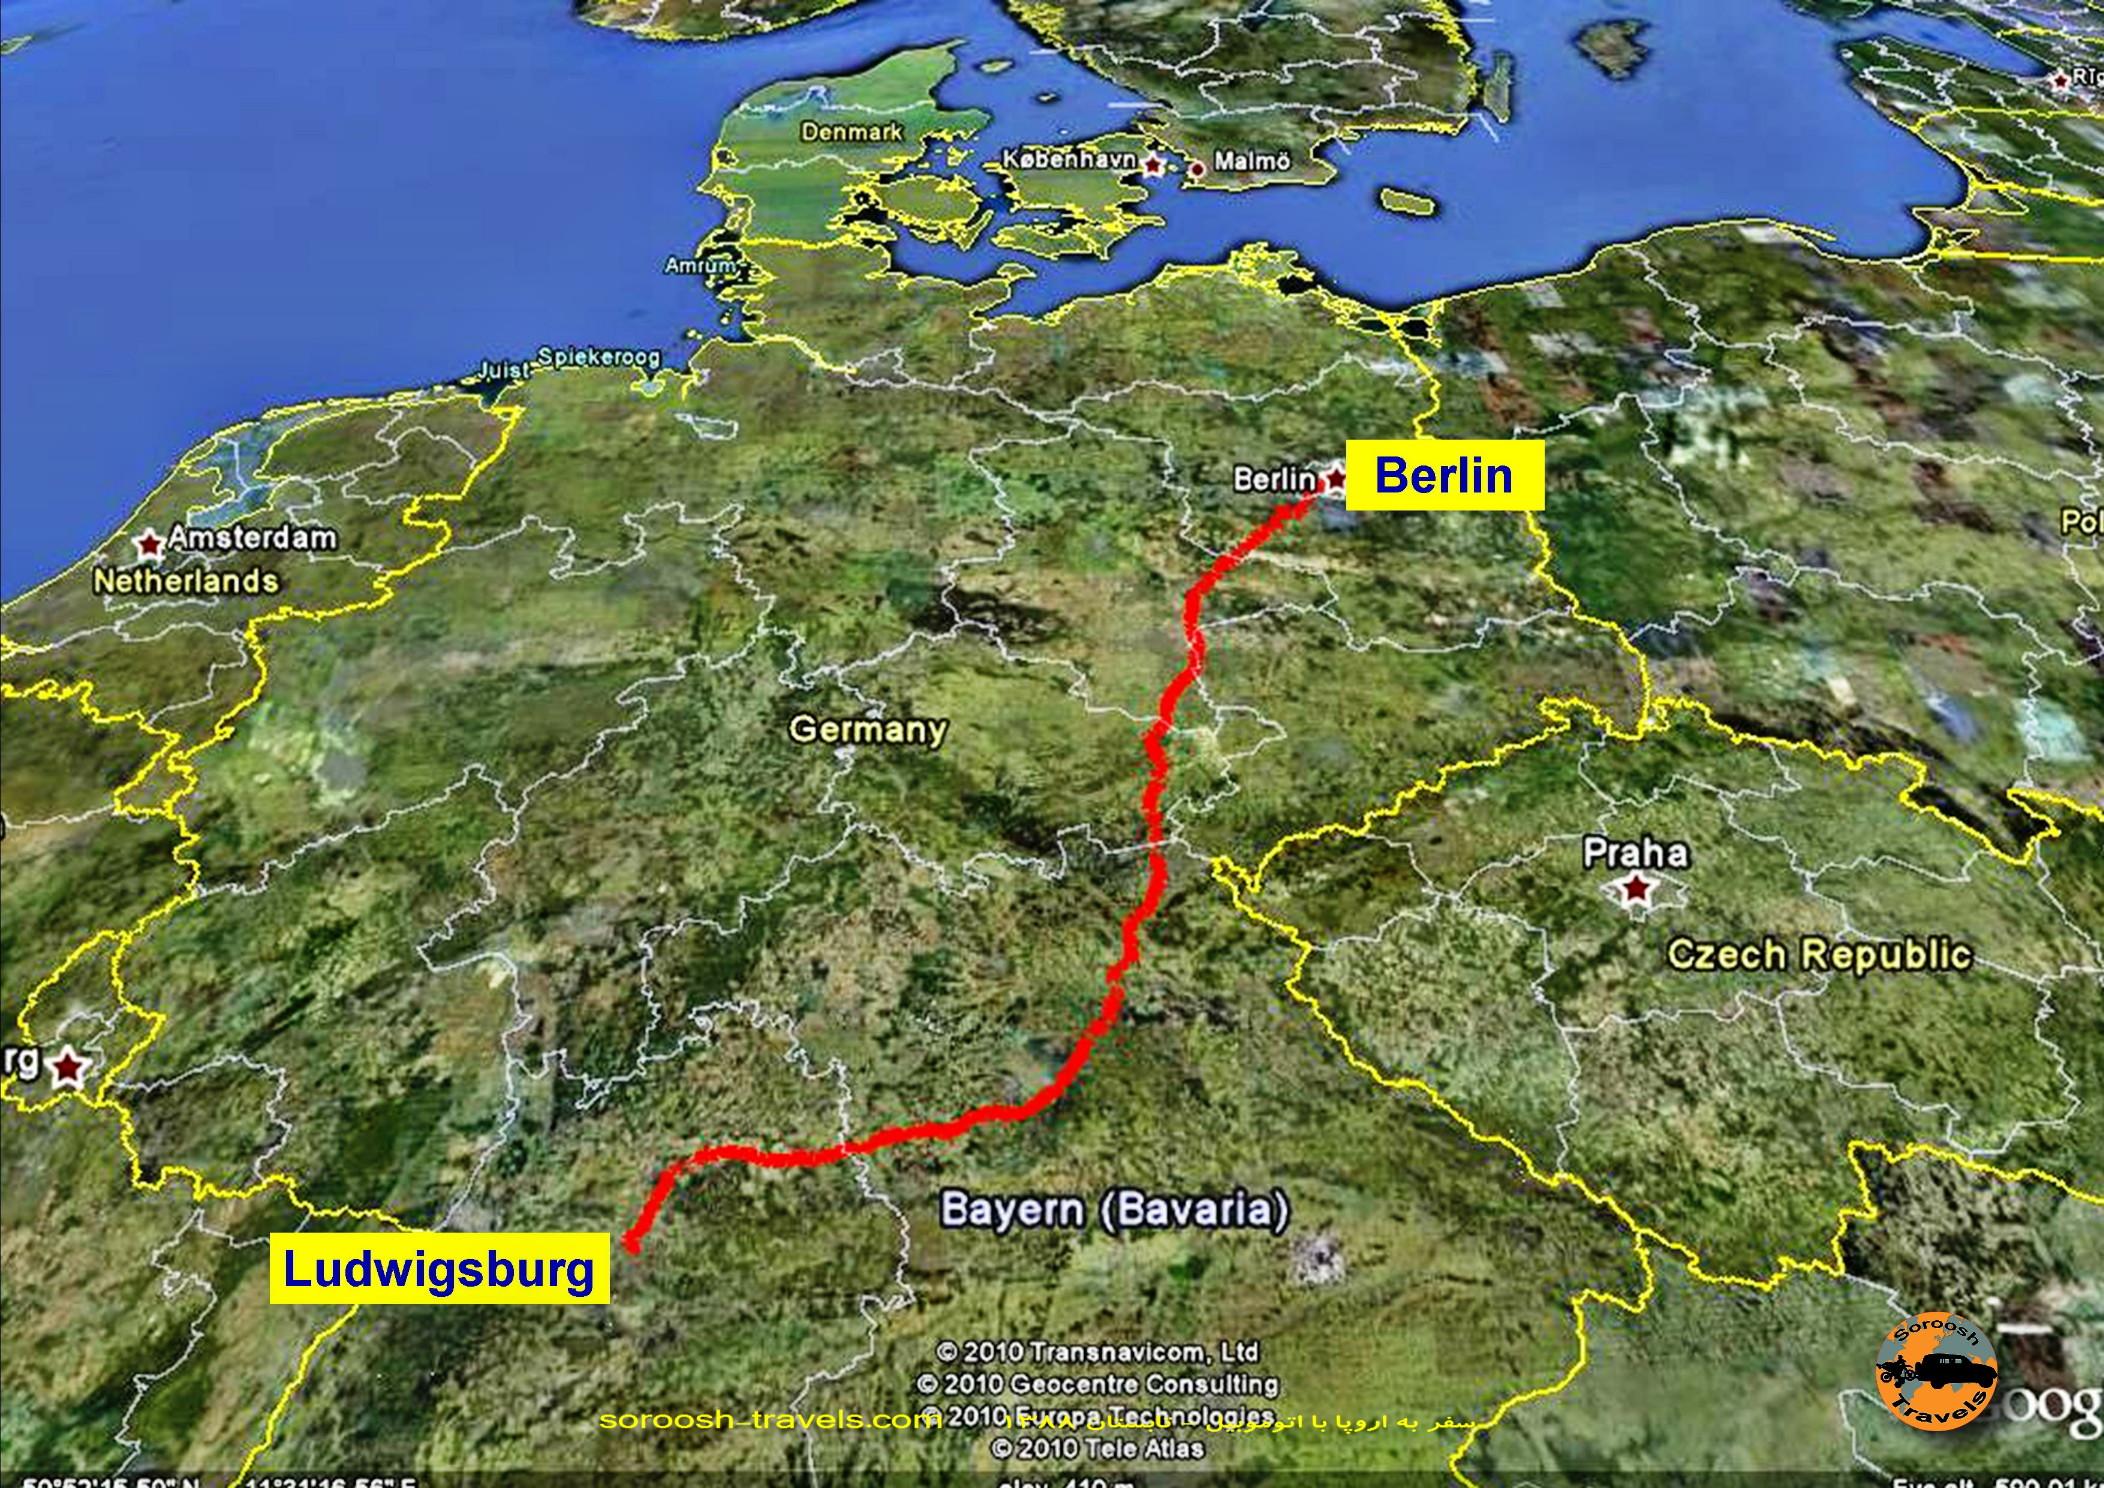 29-shahrivar-1388-20-september-2009-berlin-to-ludwigsburg-4